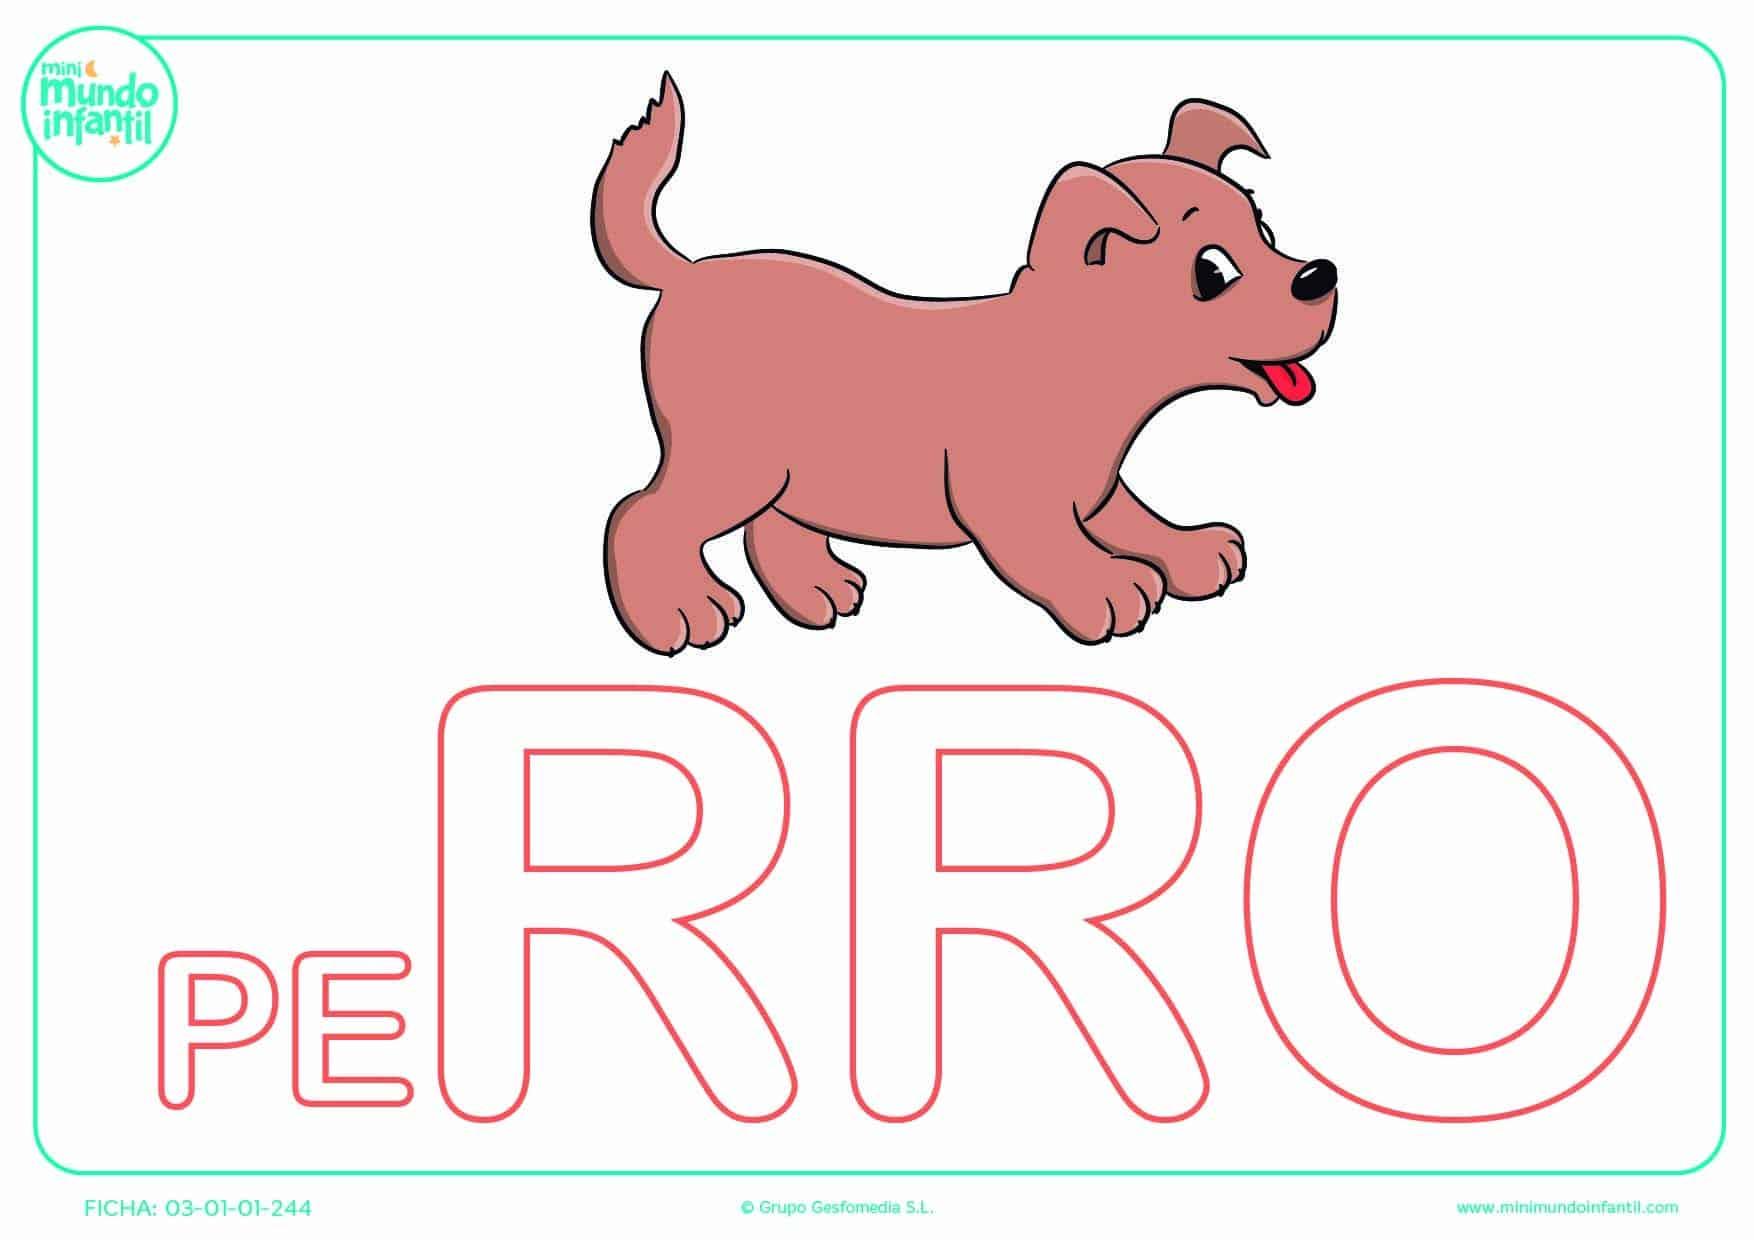 Sílaba RRO de perro en mayúsculas para poner color